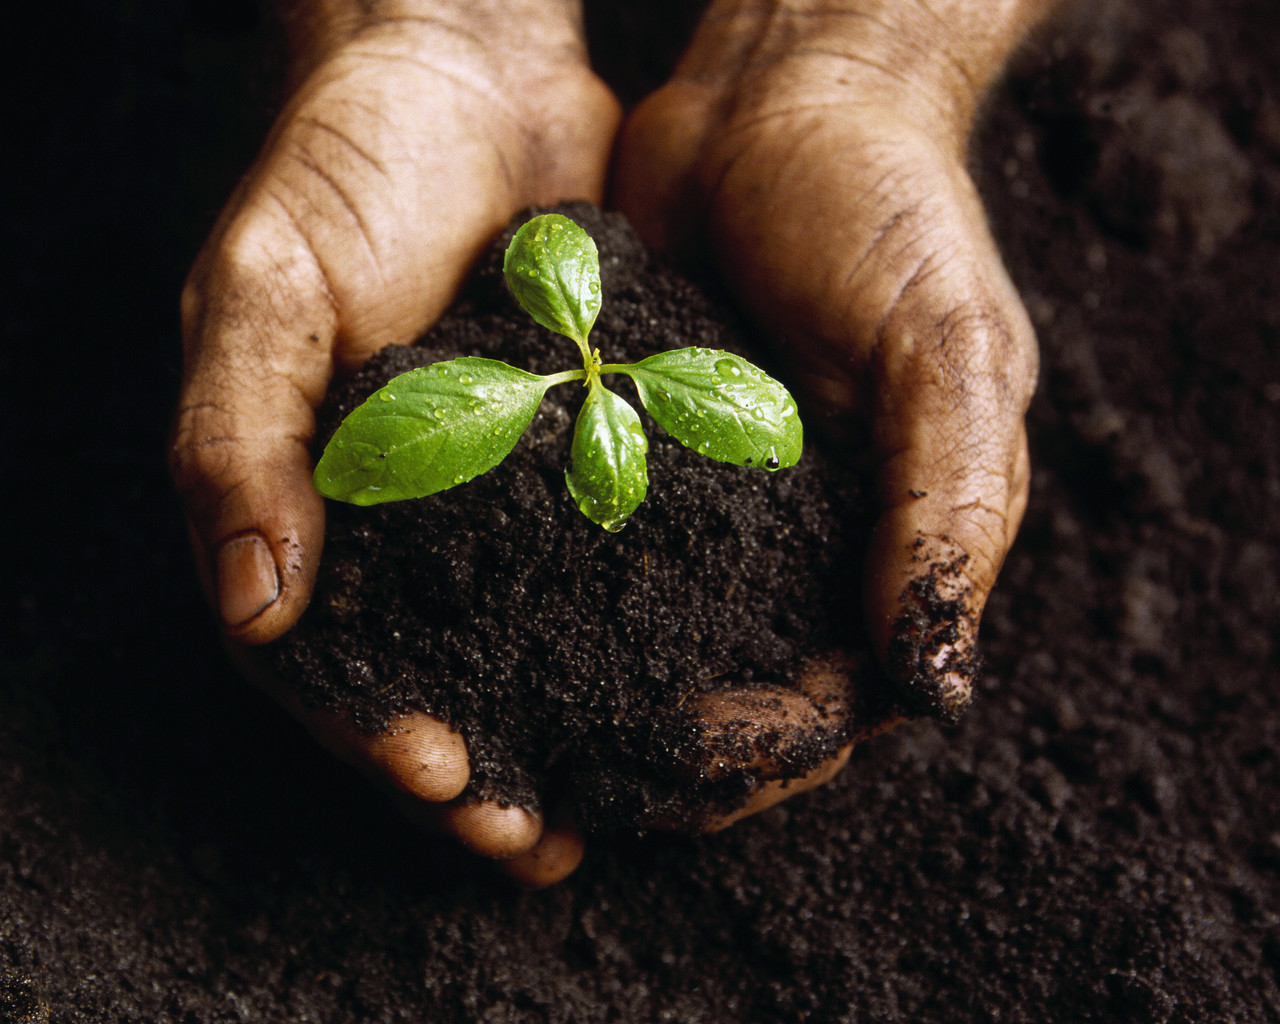 http://4.bp.blogspot.com/-we38fuWQ_DQ/Thfrxl-vBxI/AAAAAAAAAQU/OamRoHQLl0E/s1600/plant-nurtured-by-hands.jpg